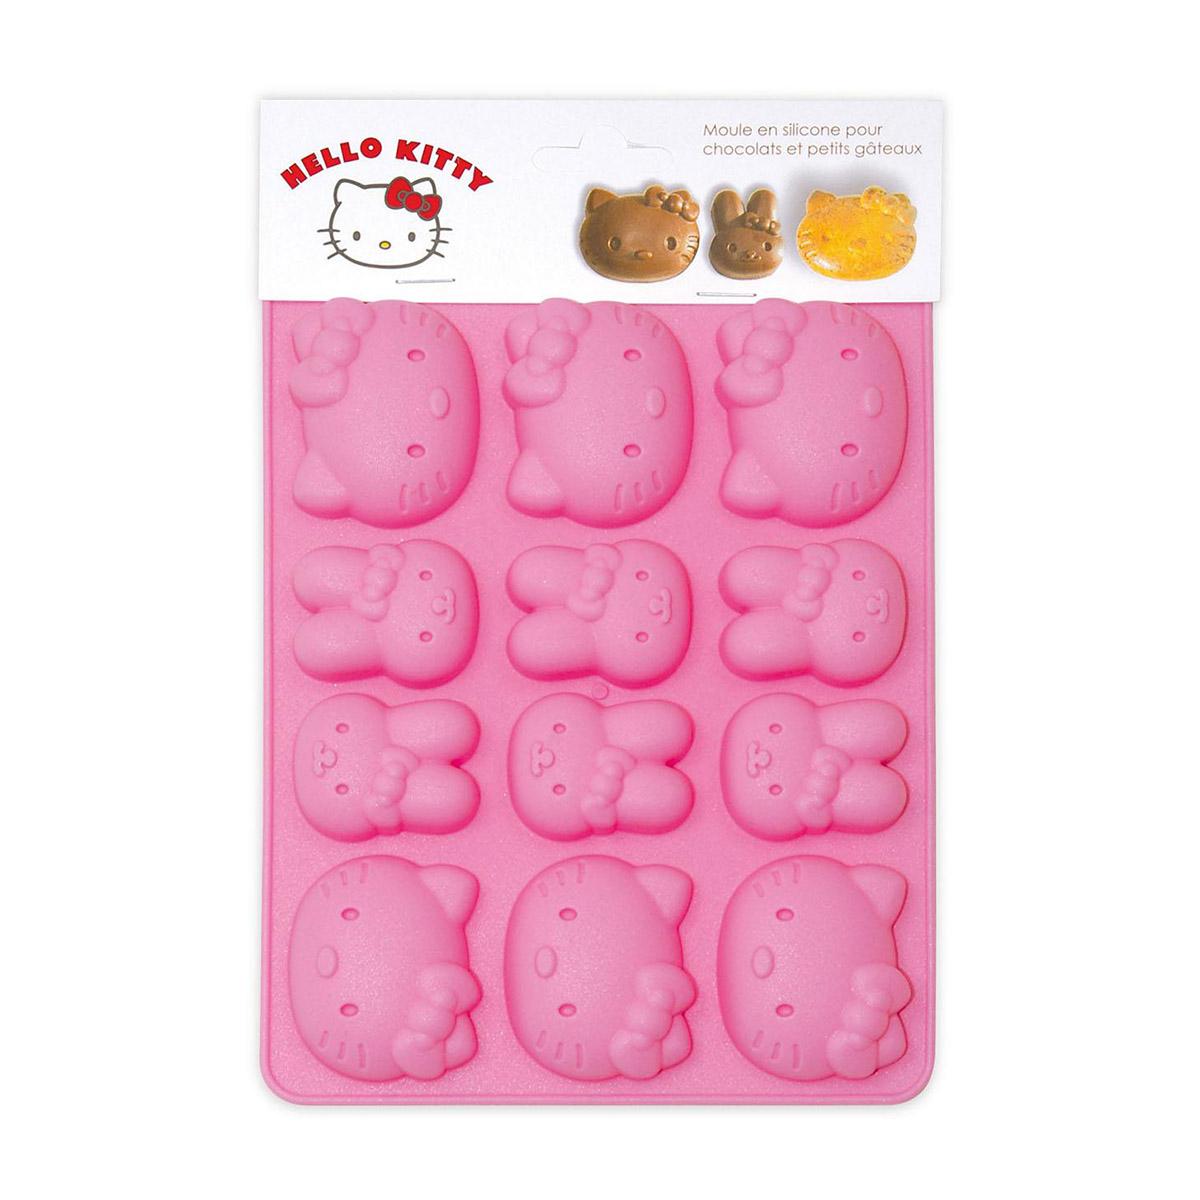 Image du produit Moule en silicone chocolats - Hello Kitty - Scrapcooking